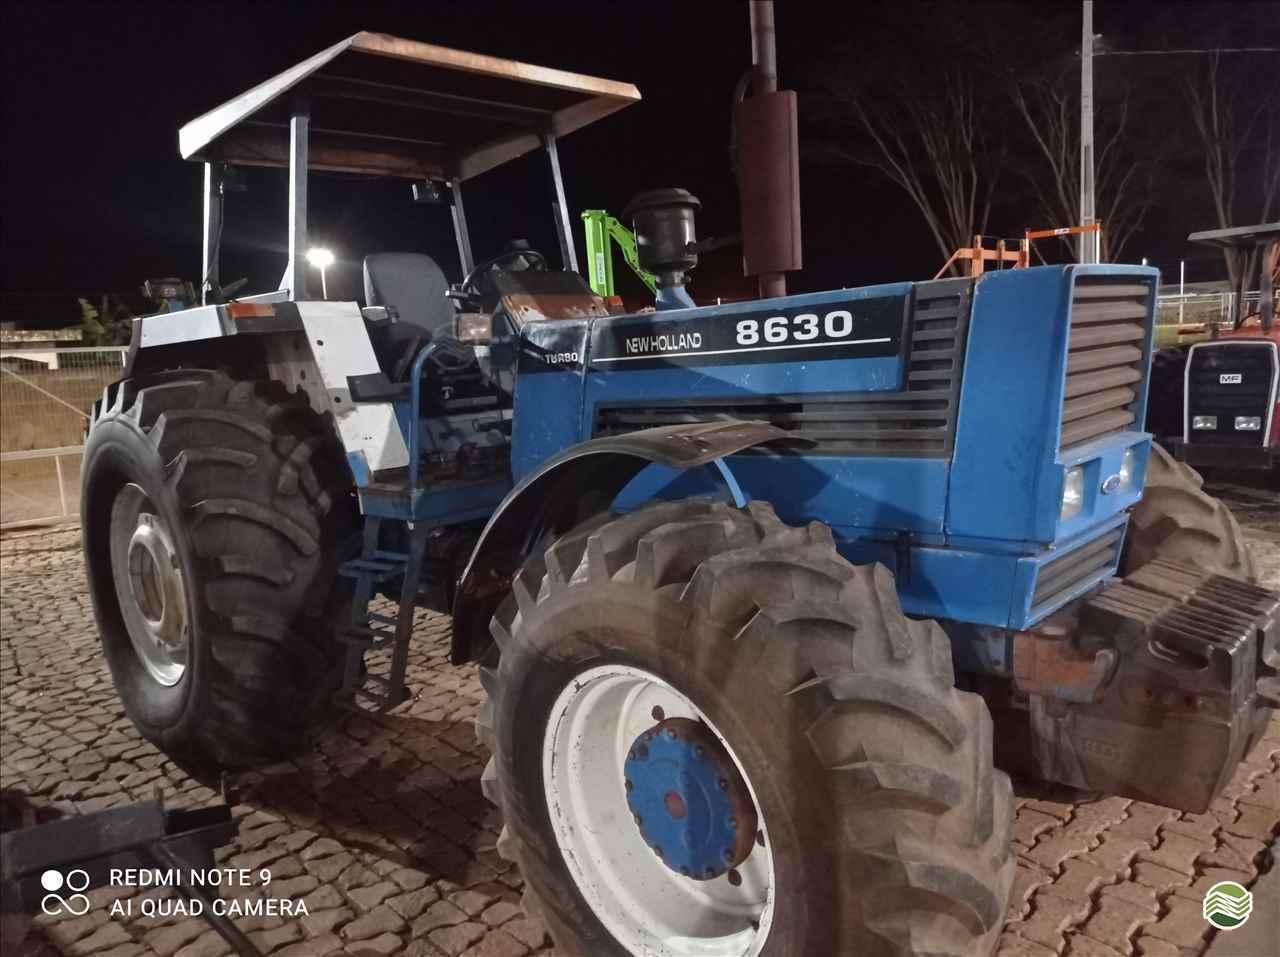 TRATOR FORD FORD 8630 Tração 4x4 Mezenga Máquinas DOURADOS MATO GROSSO DO SUL MS